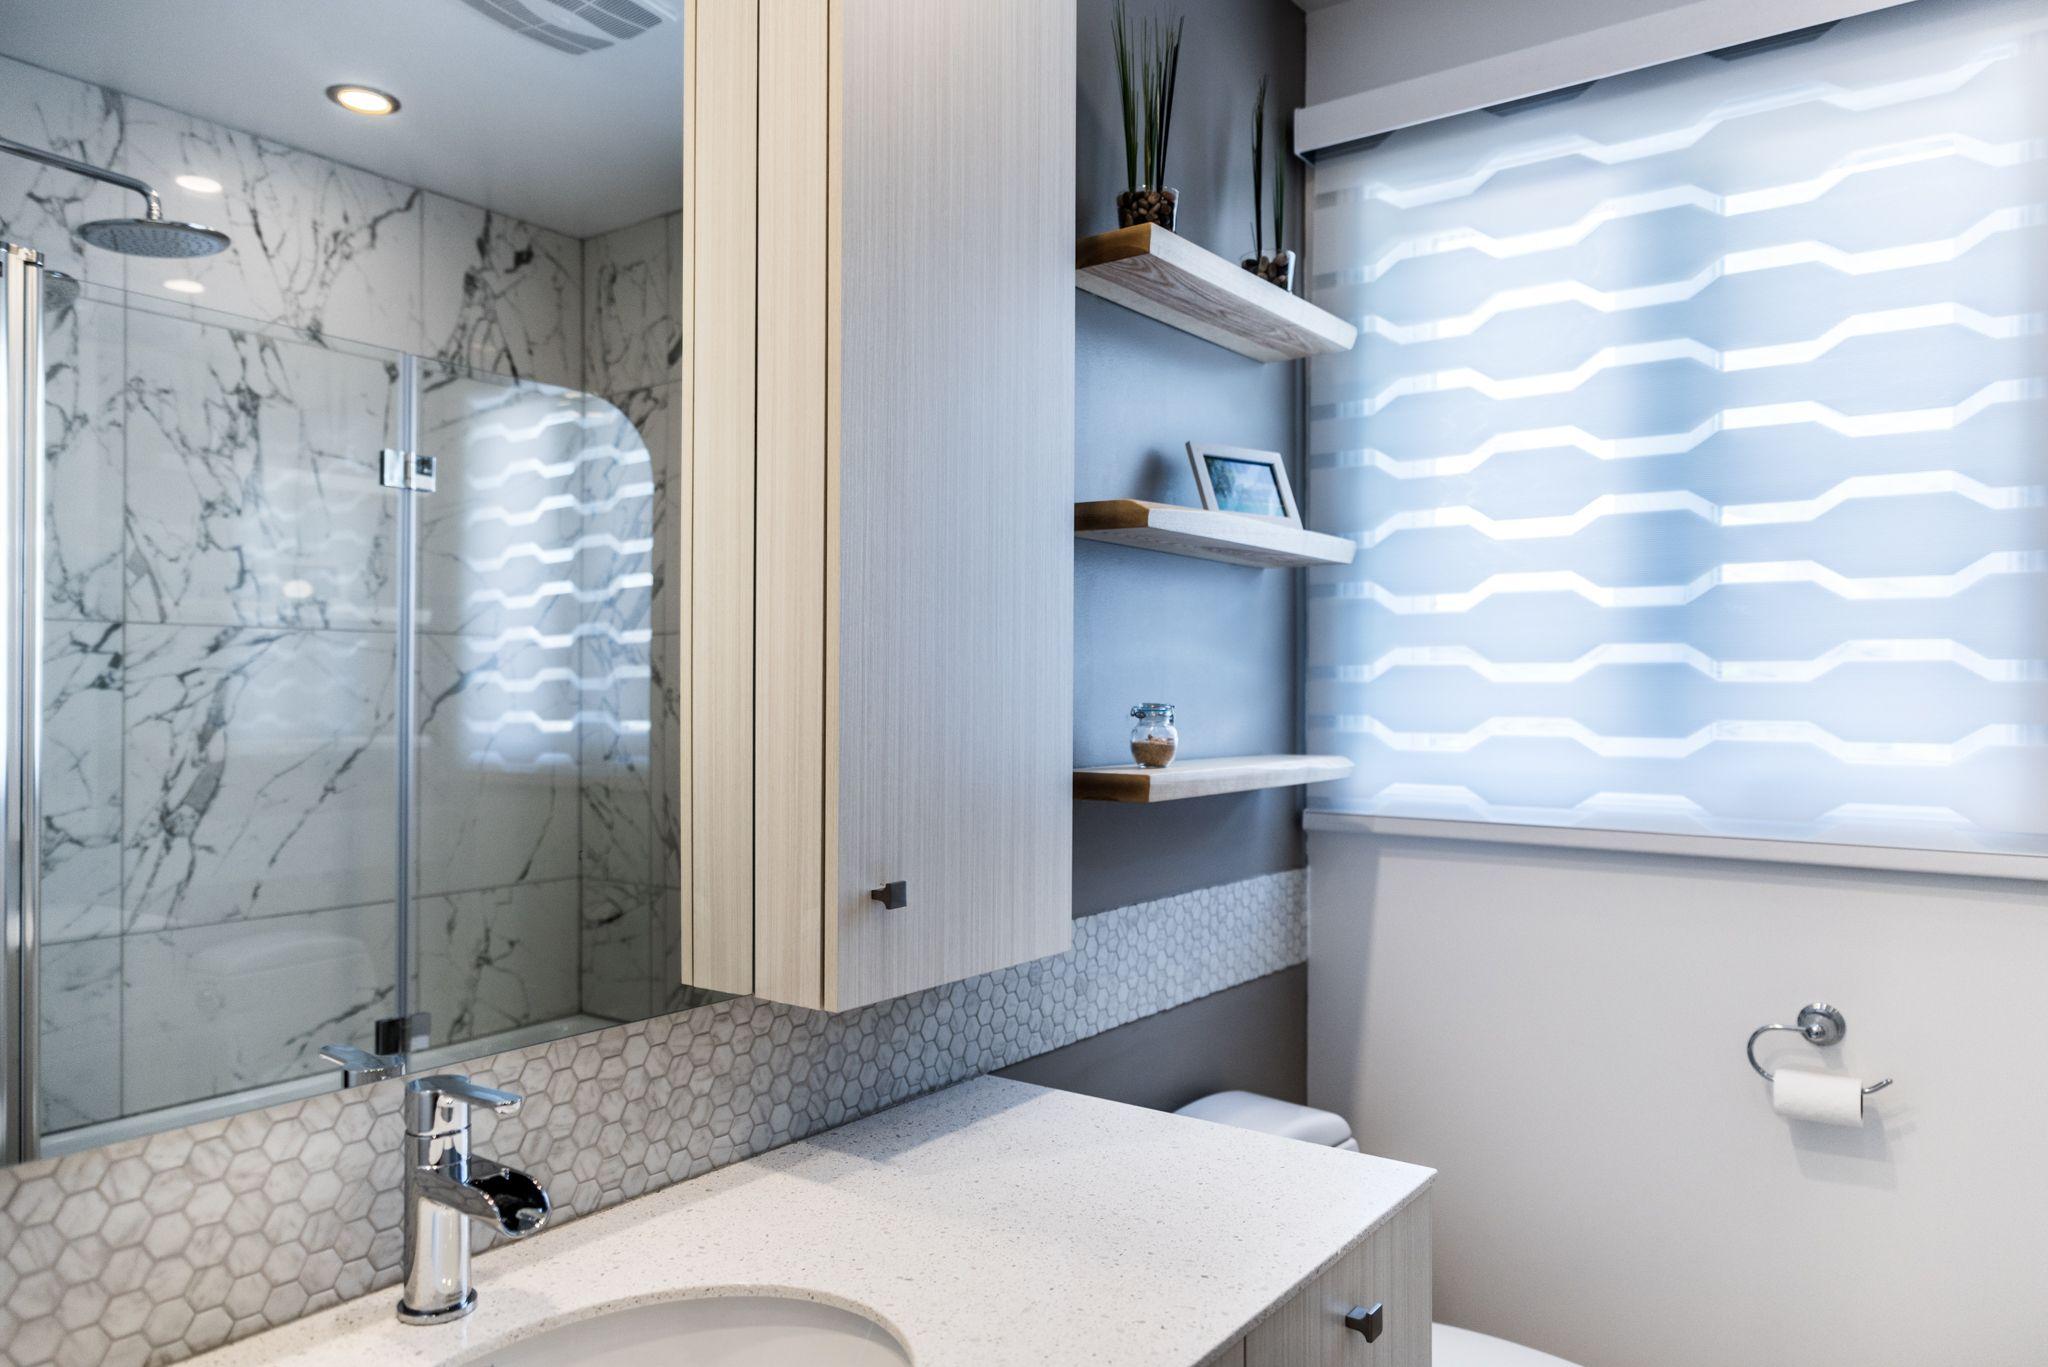 Salle De Bain Marron Et Vert ~ projet de salle de bain m lange entre un style contemporain et